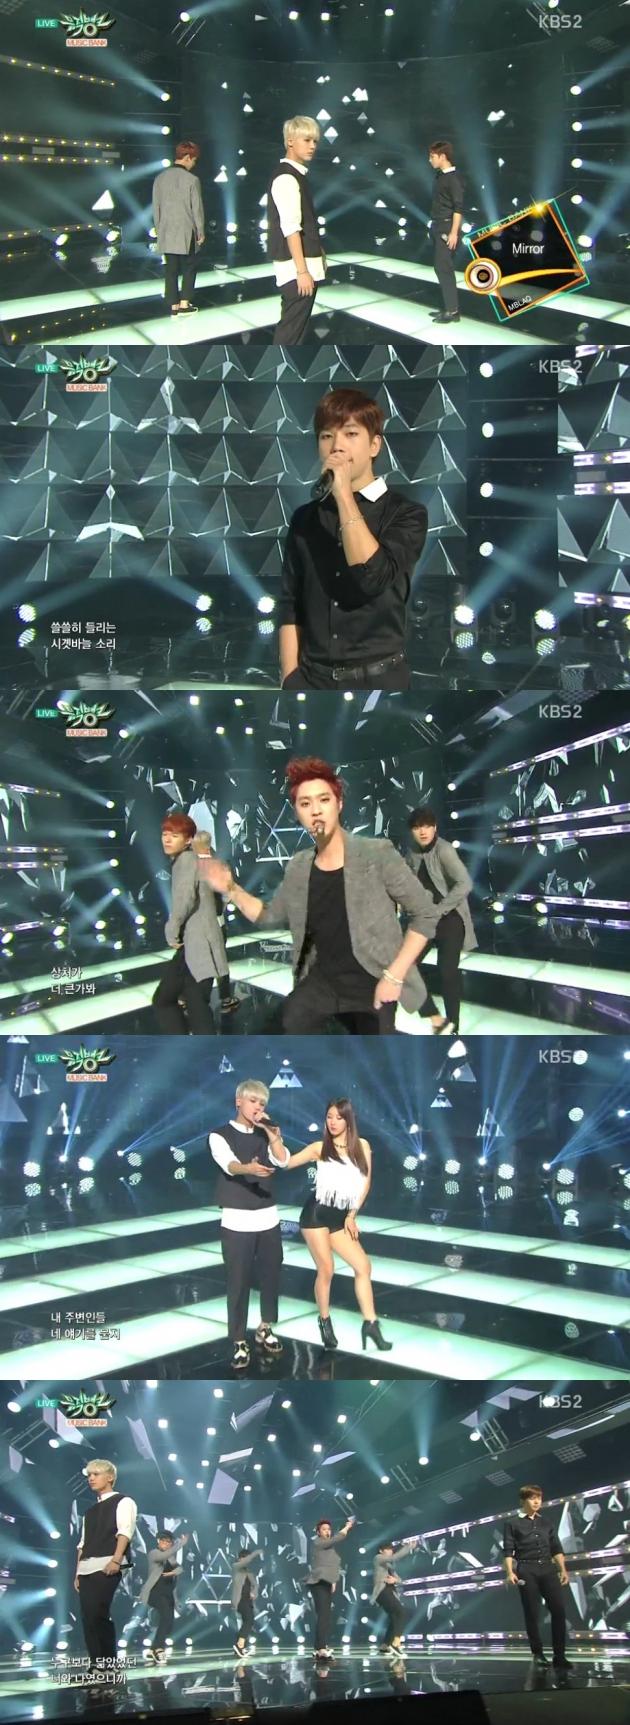 '뮤직뱅크' 엠블랙 '뮤직뱅크' 엠블랙 사진=KBS2 방송 캡처